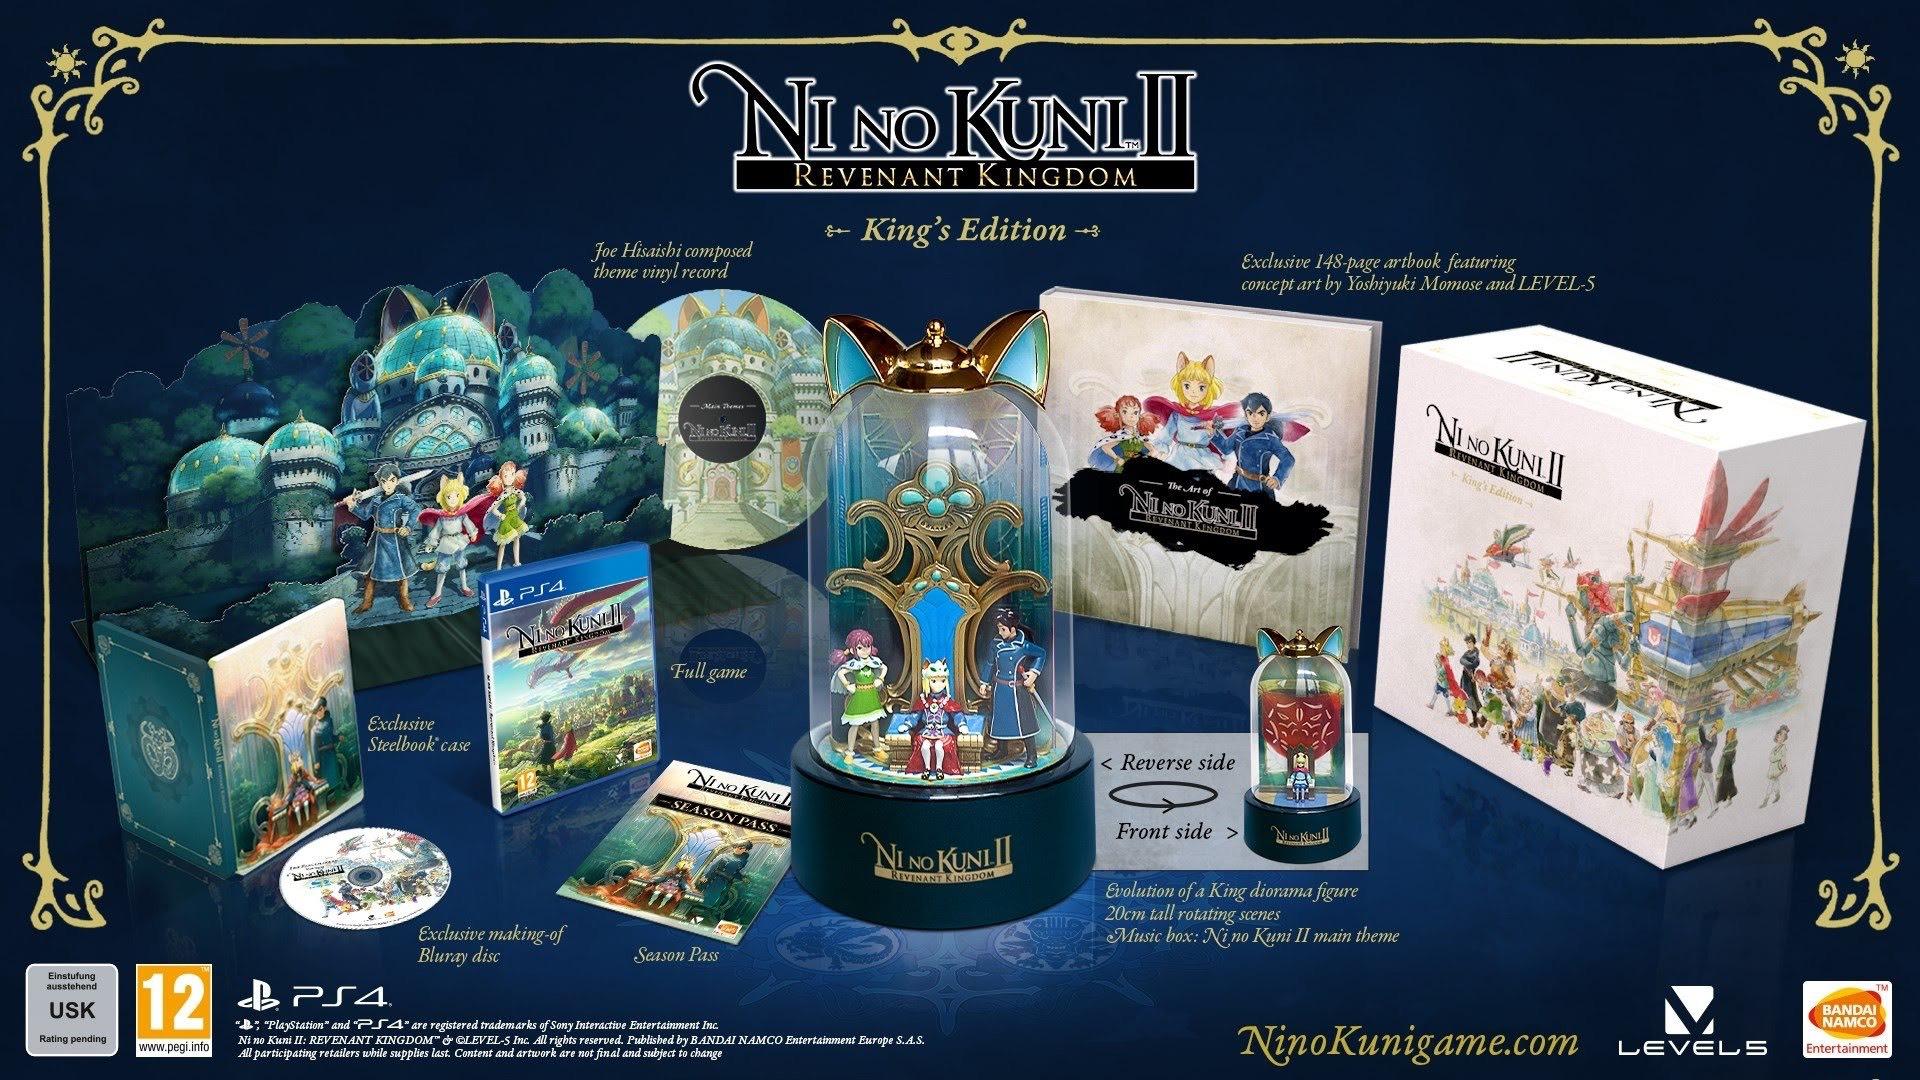 Ni No Kuni 2 : Kings Edition (PS4) - £119.98 at Amazon